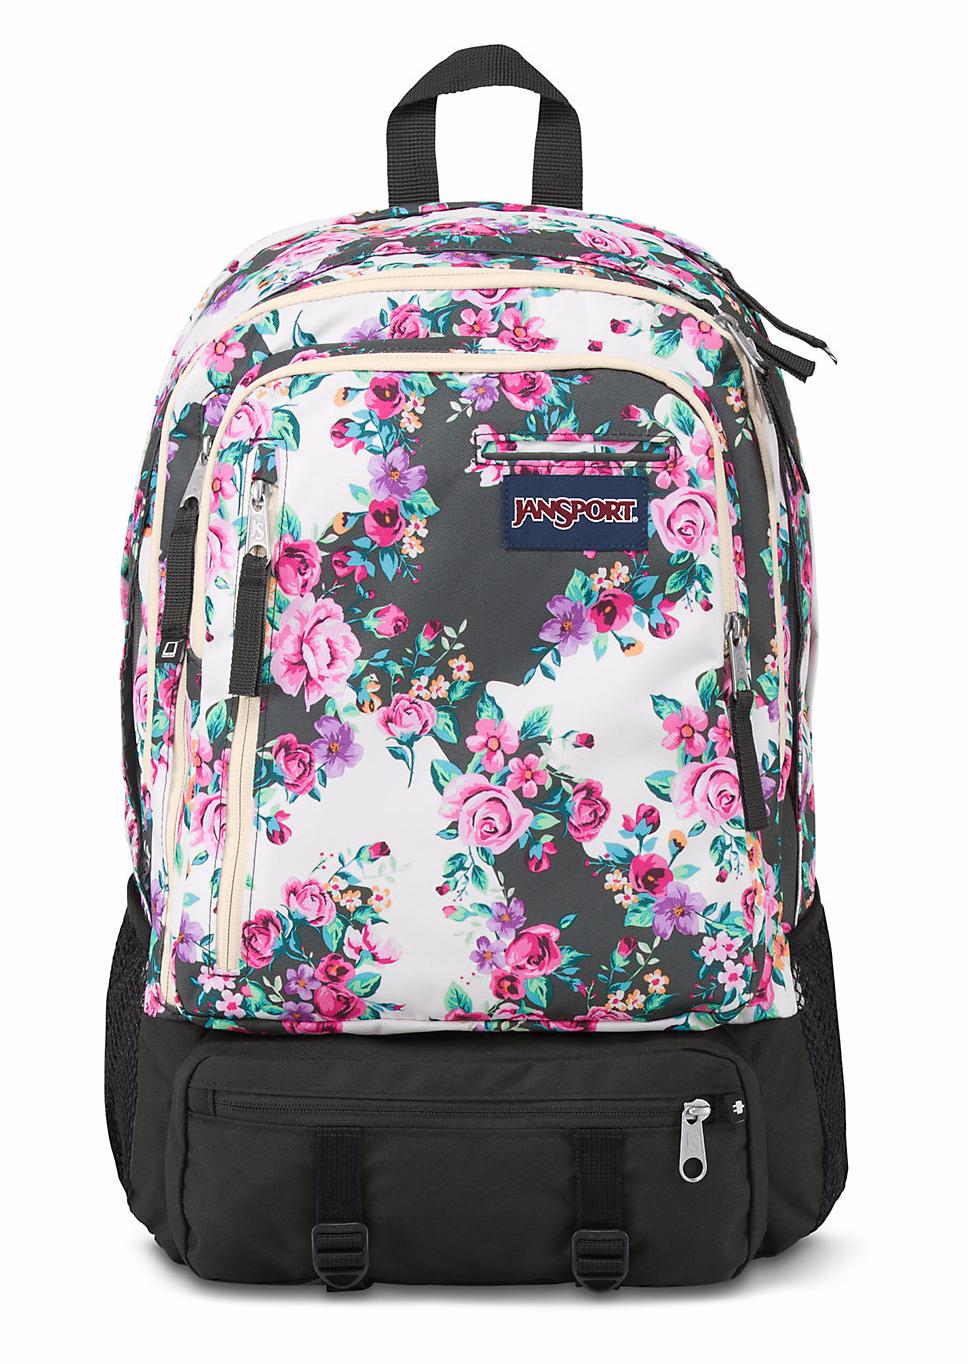 Jansport Backpack Australia - Crazy Backpacks